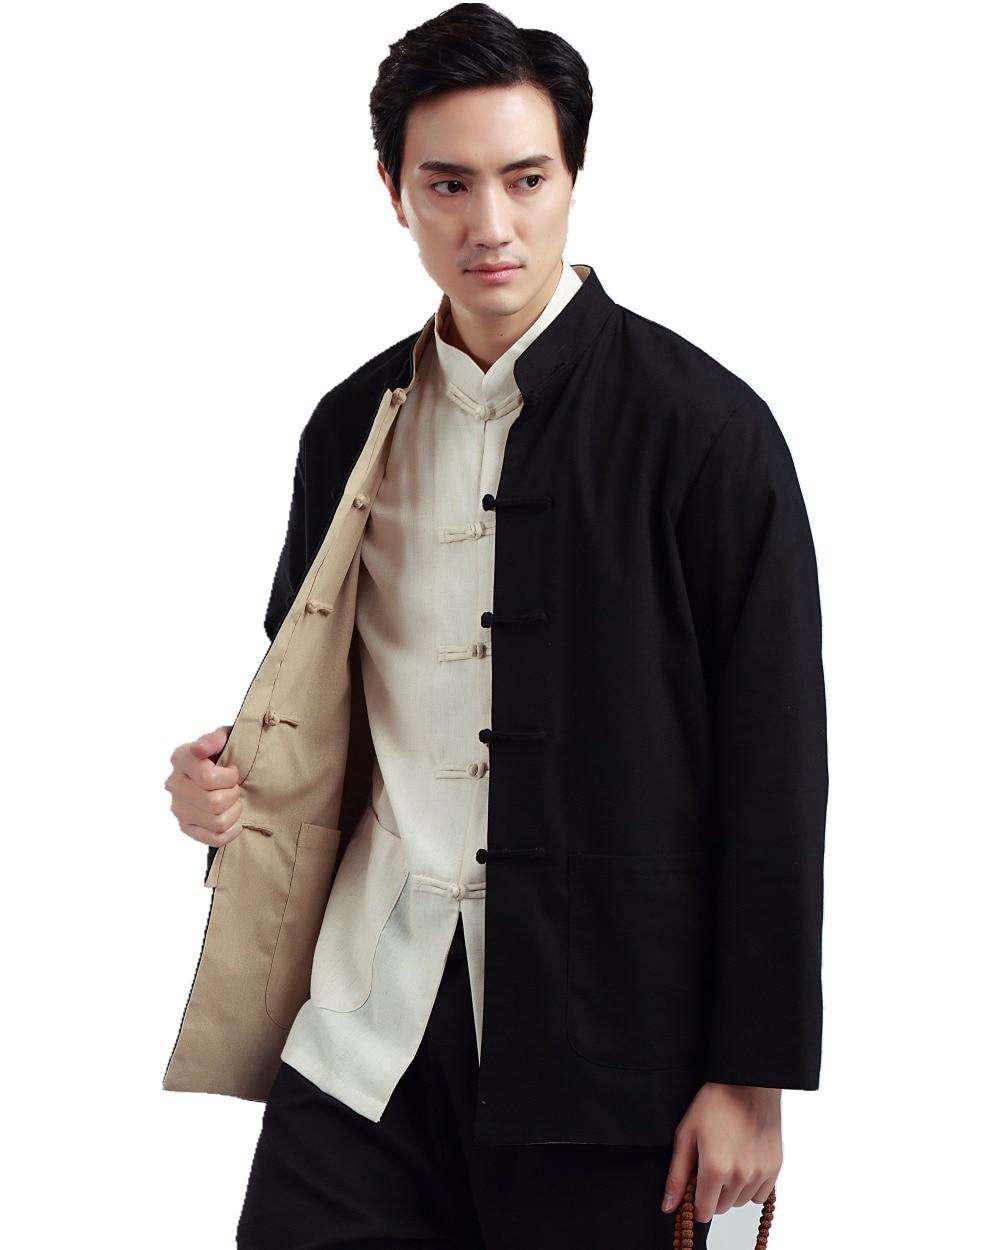 Jacket Men Waterproof Windbreaker Fleece Warm Coats Mens Plus Size 6XL 7XL 8XL Spring Autumn Casual